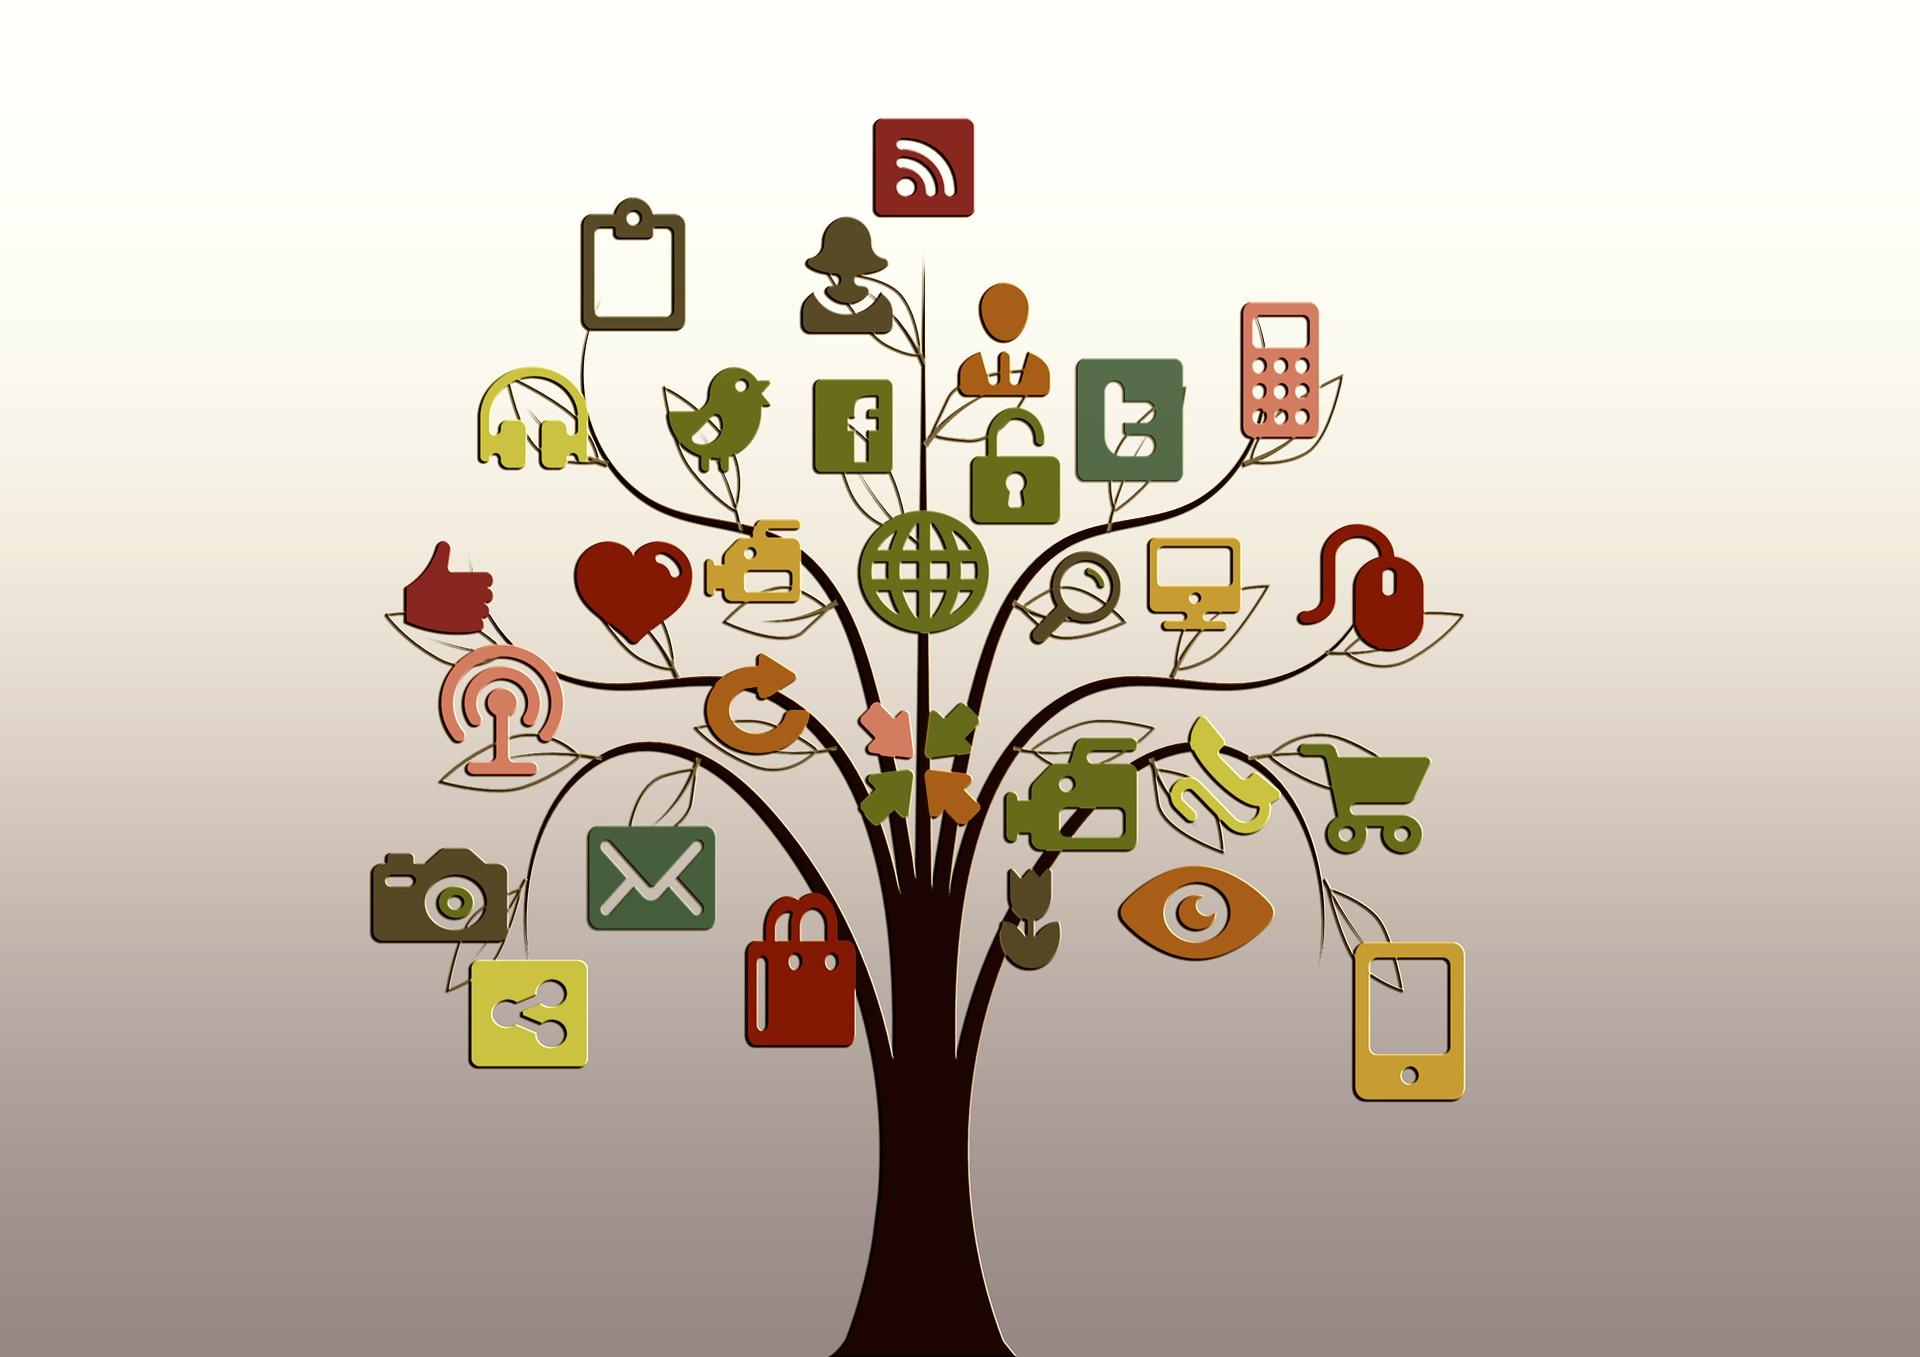 La Tienda Virtual pone en juego todas las herramientas de internet para la venta